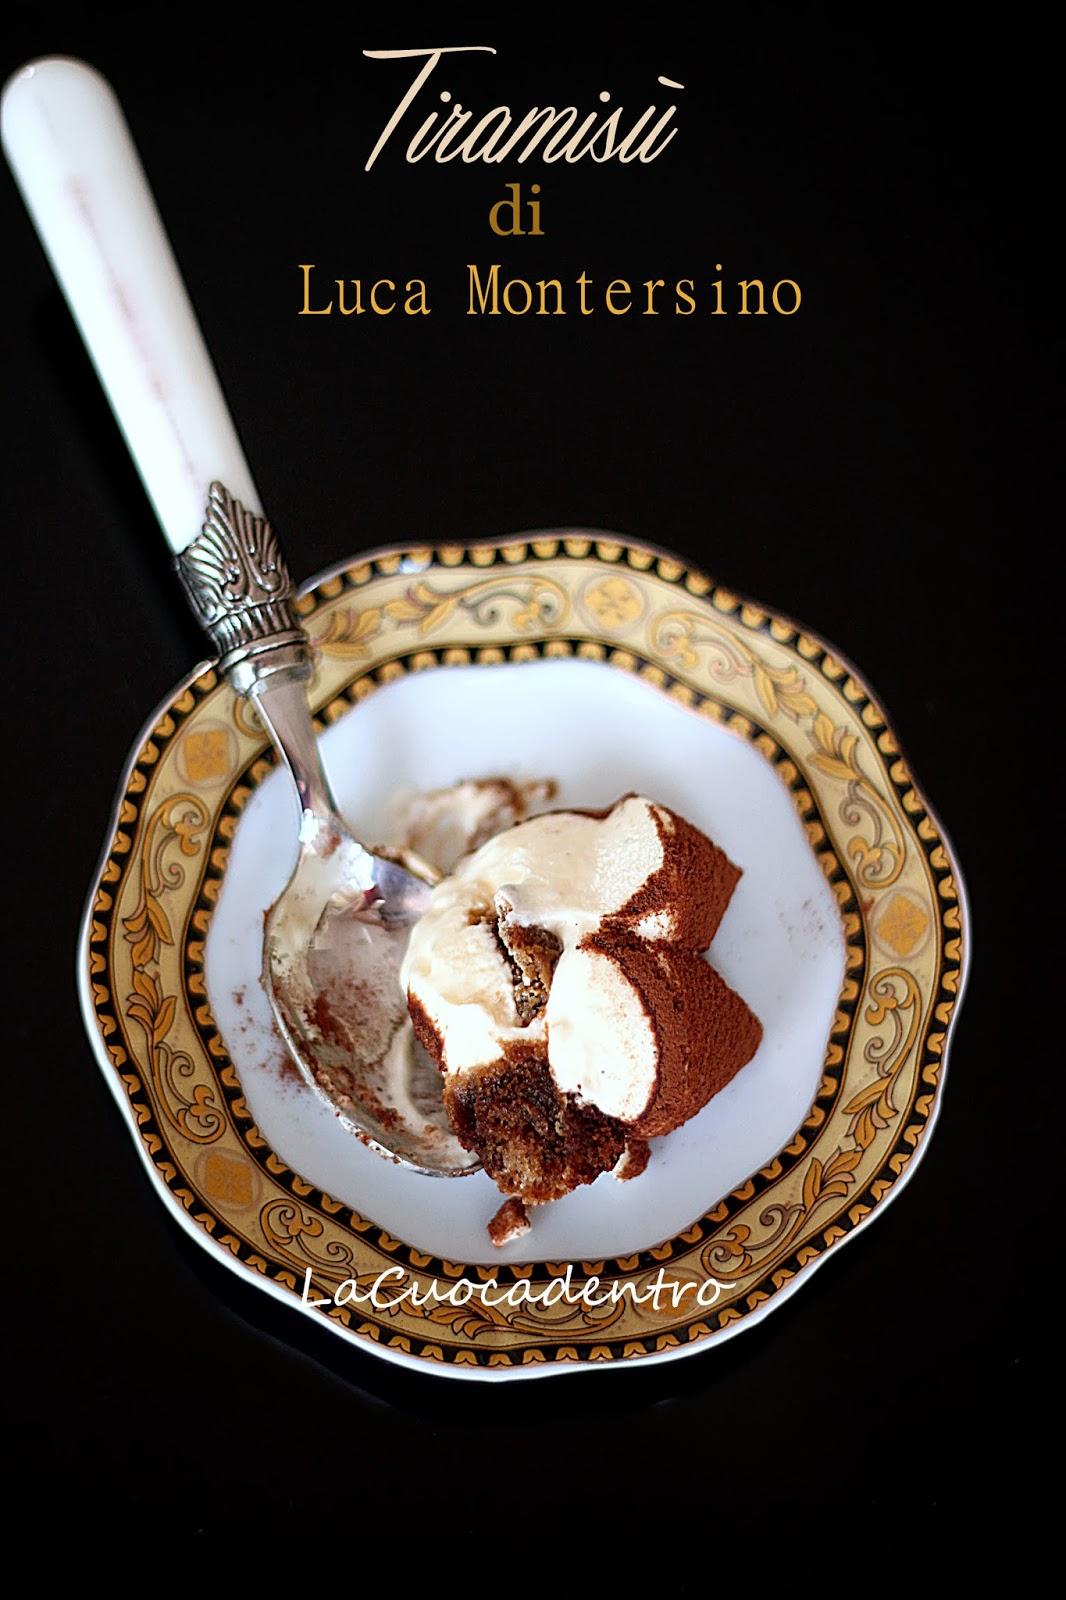 Tiramisù Di Luca Montersino La Cuoca Dentro